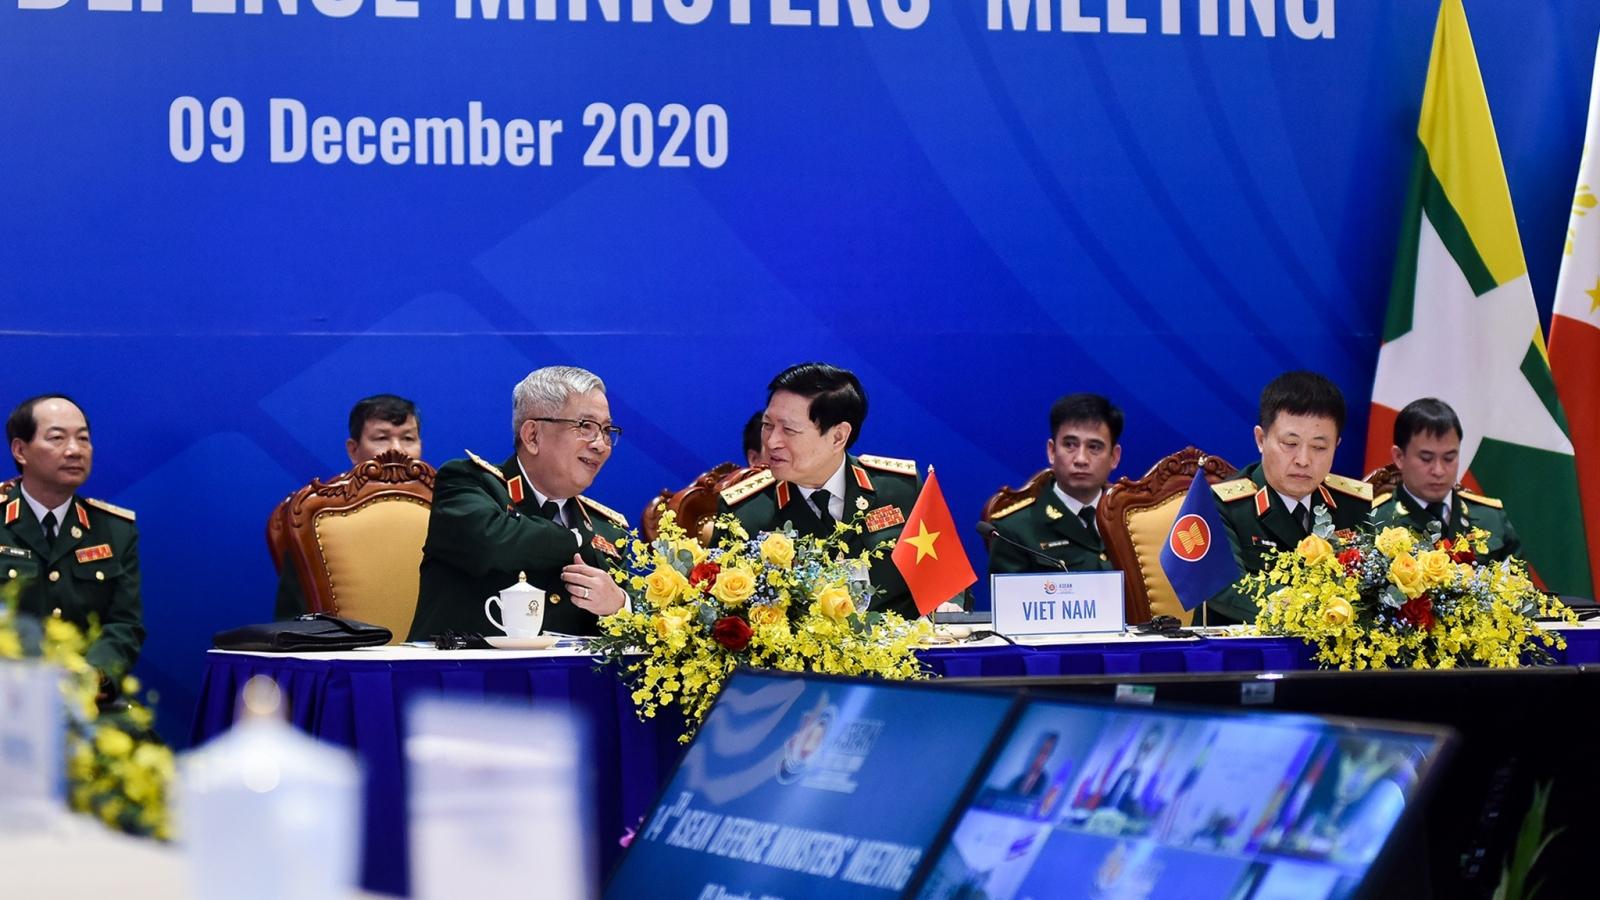 ASEAN thể hiện sự đoàn kết, thống nhất đối với hòa bình, ổn định ở khu vực